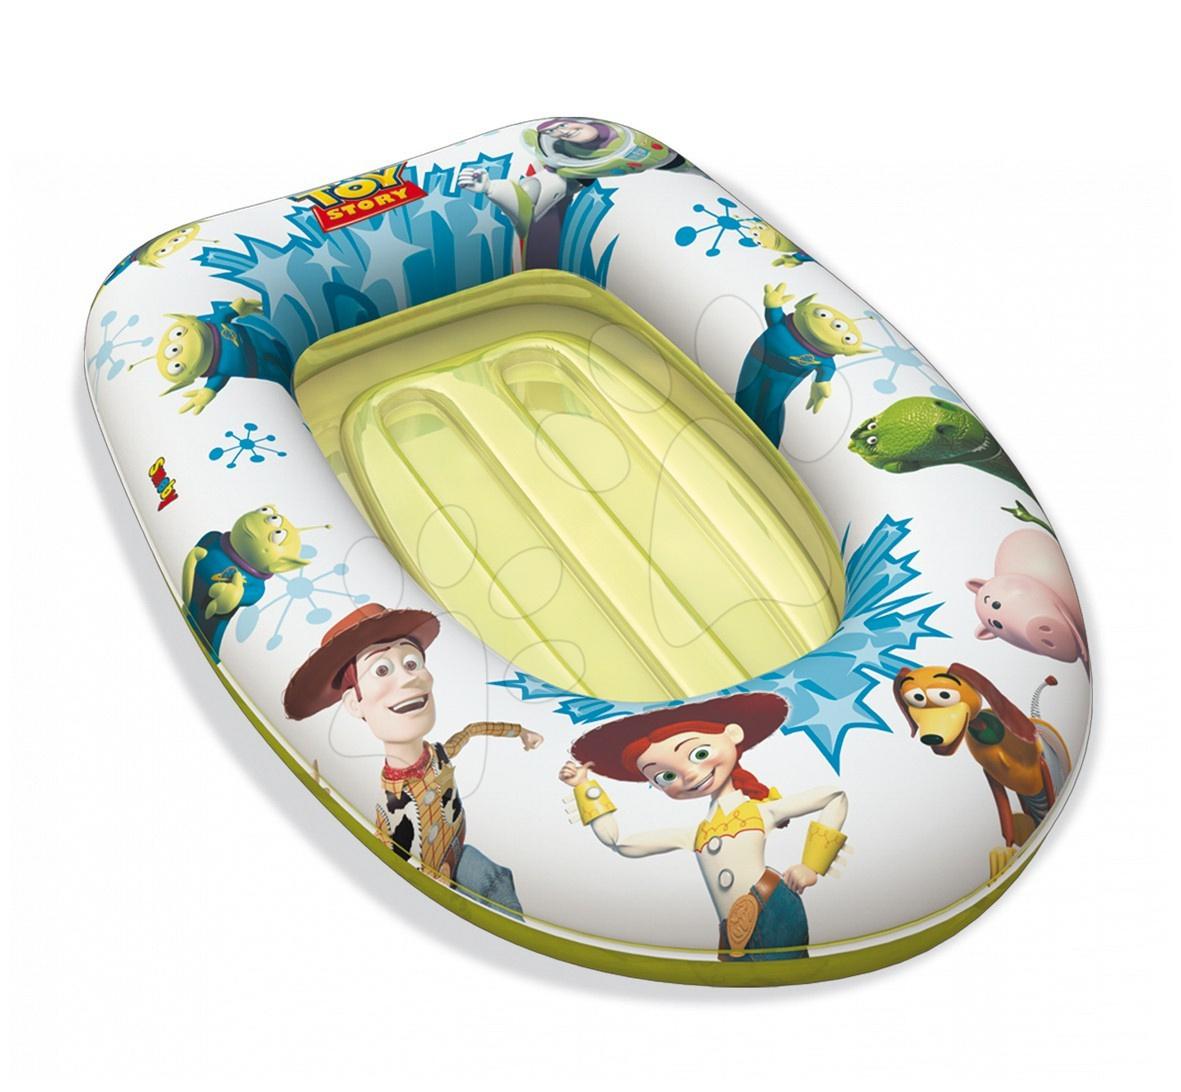 Staré položky - Nafukovací člun Toy Story Smoby 124 cm